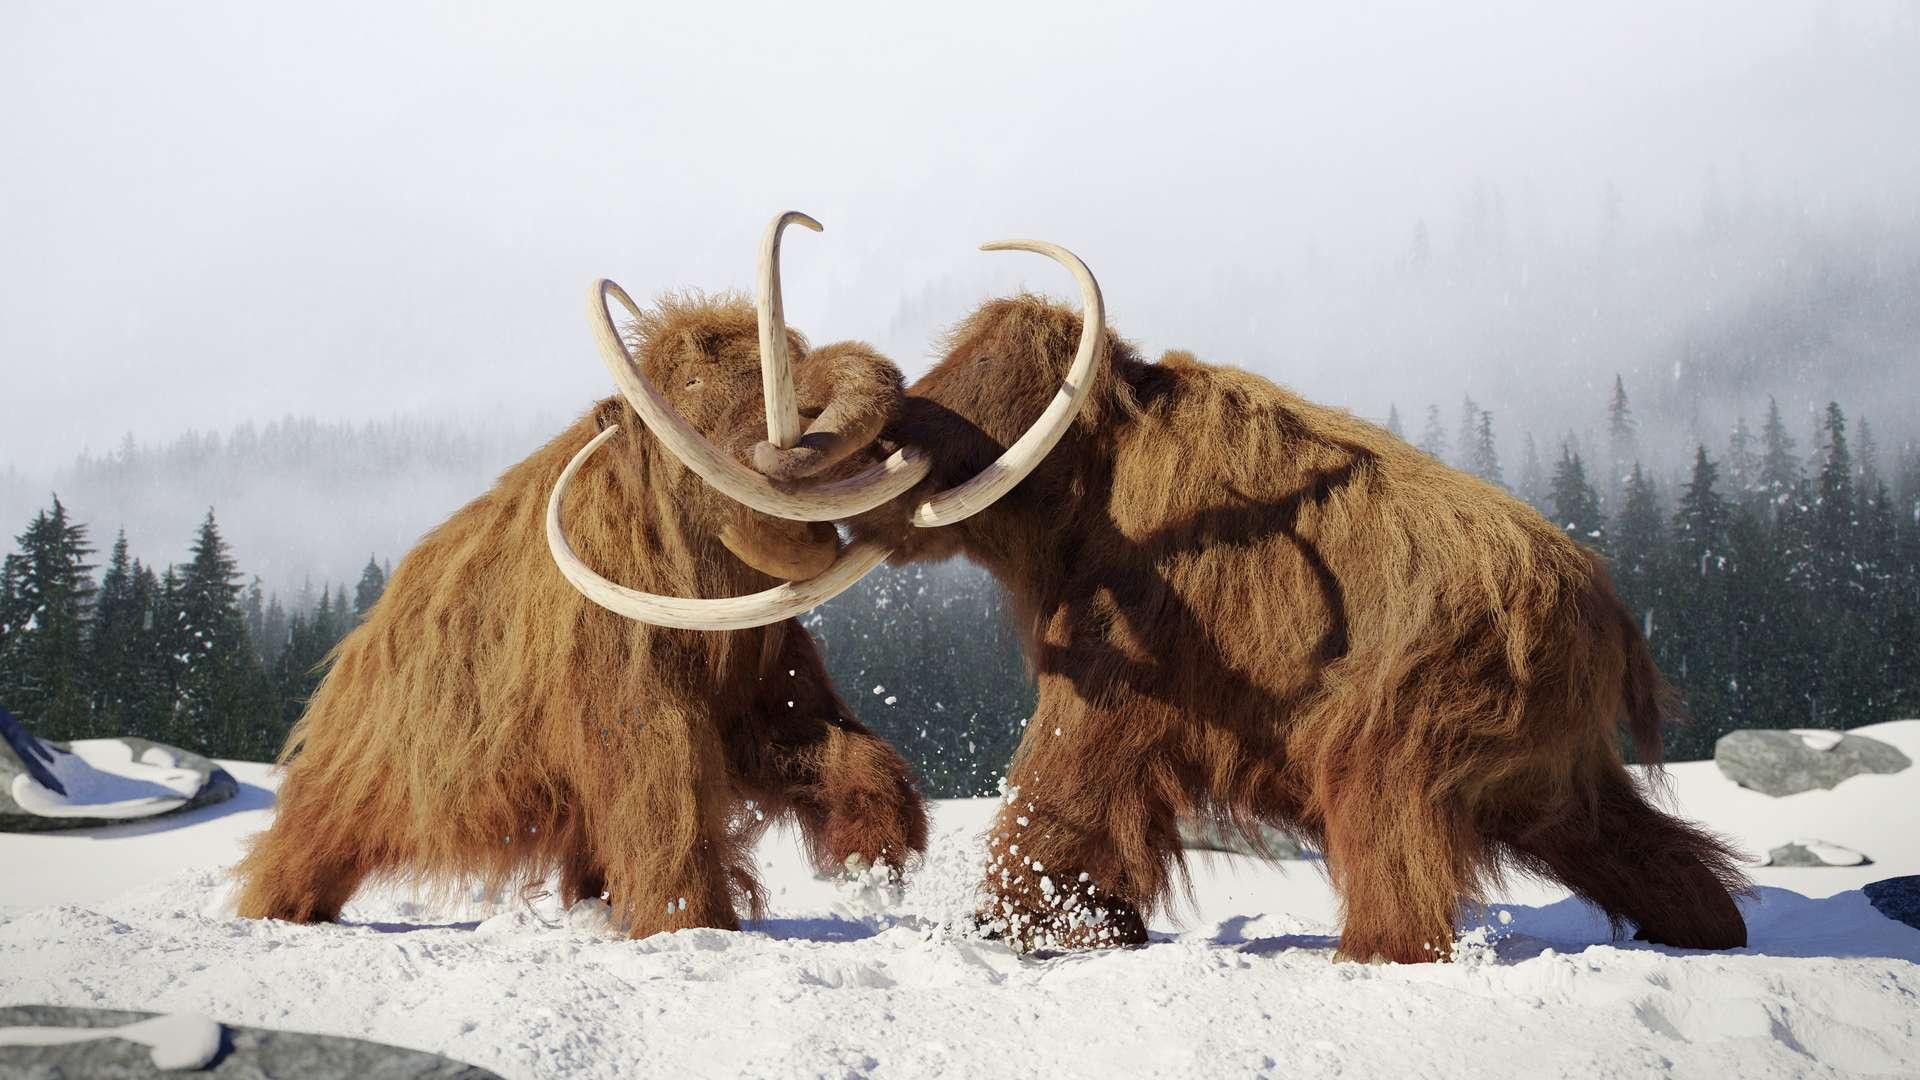 Le mammouth laineux est une espèce éteinte, qui a vécu entre -400.000 et -4.600 ans avant notre ère. © Dottedyeti, Adobe Stock